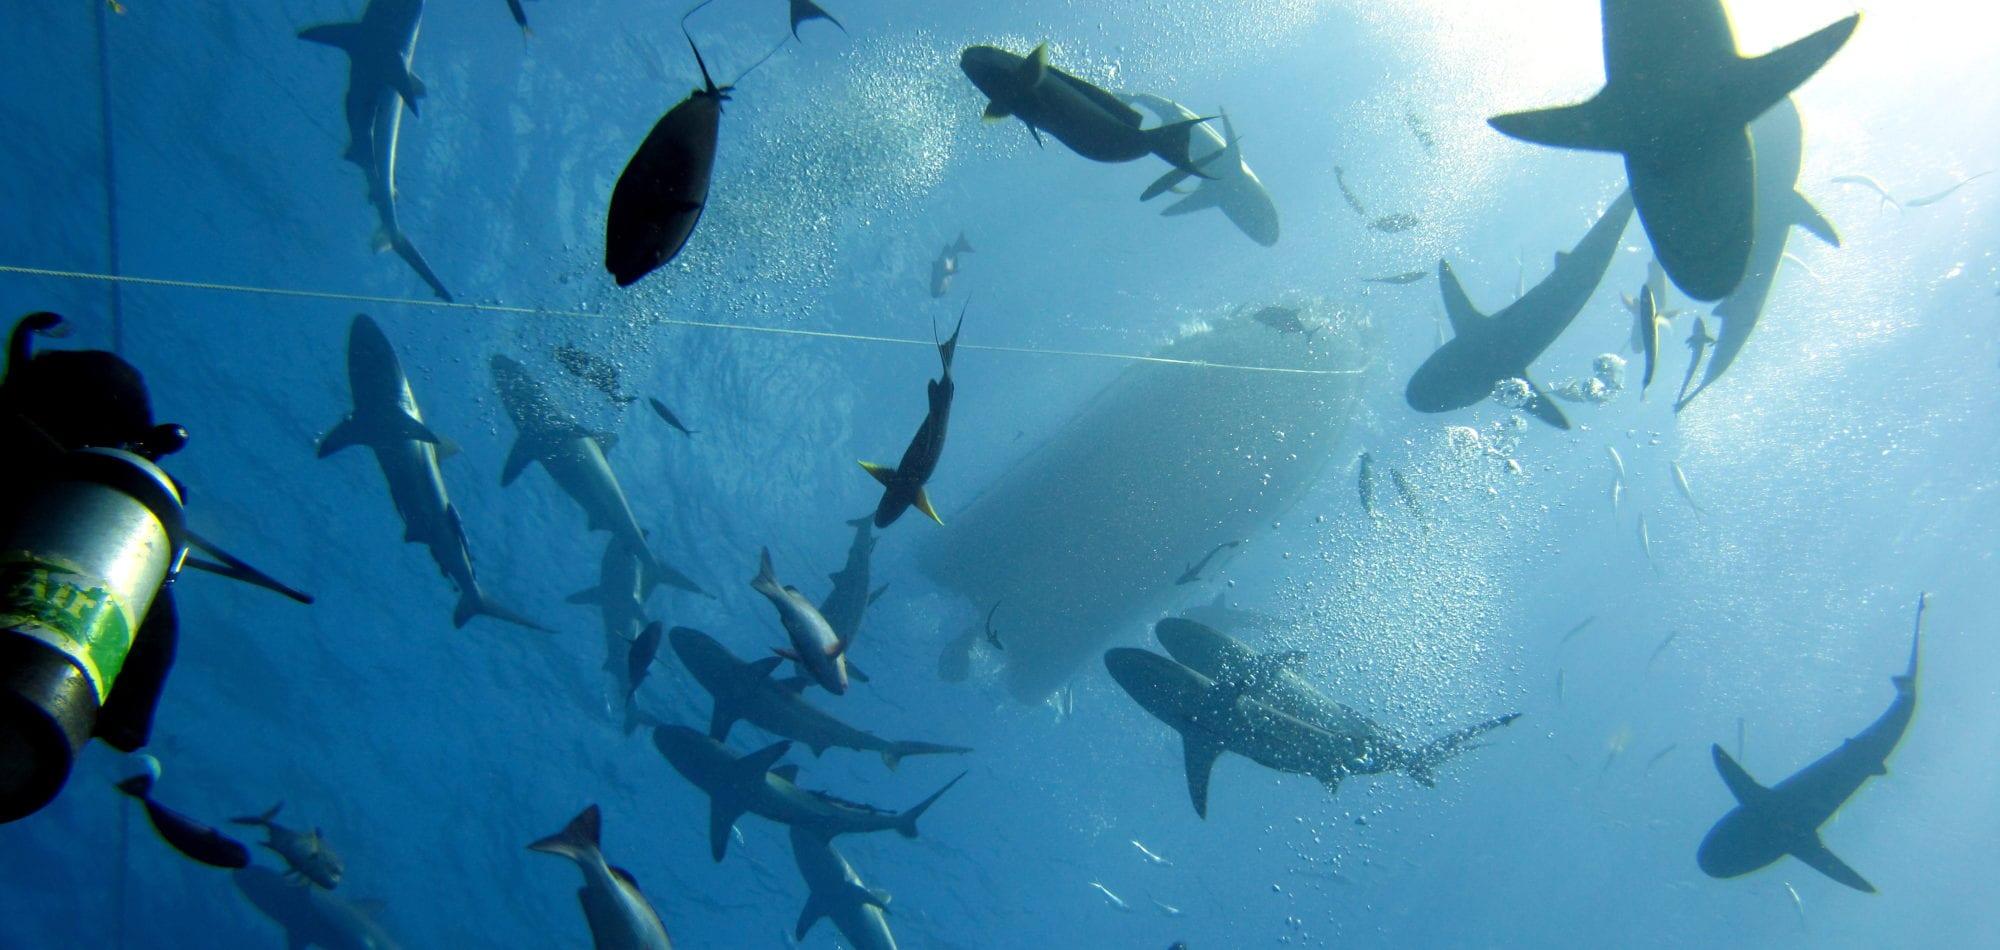 Spirit of Freedom - Swirling sharks